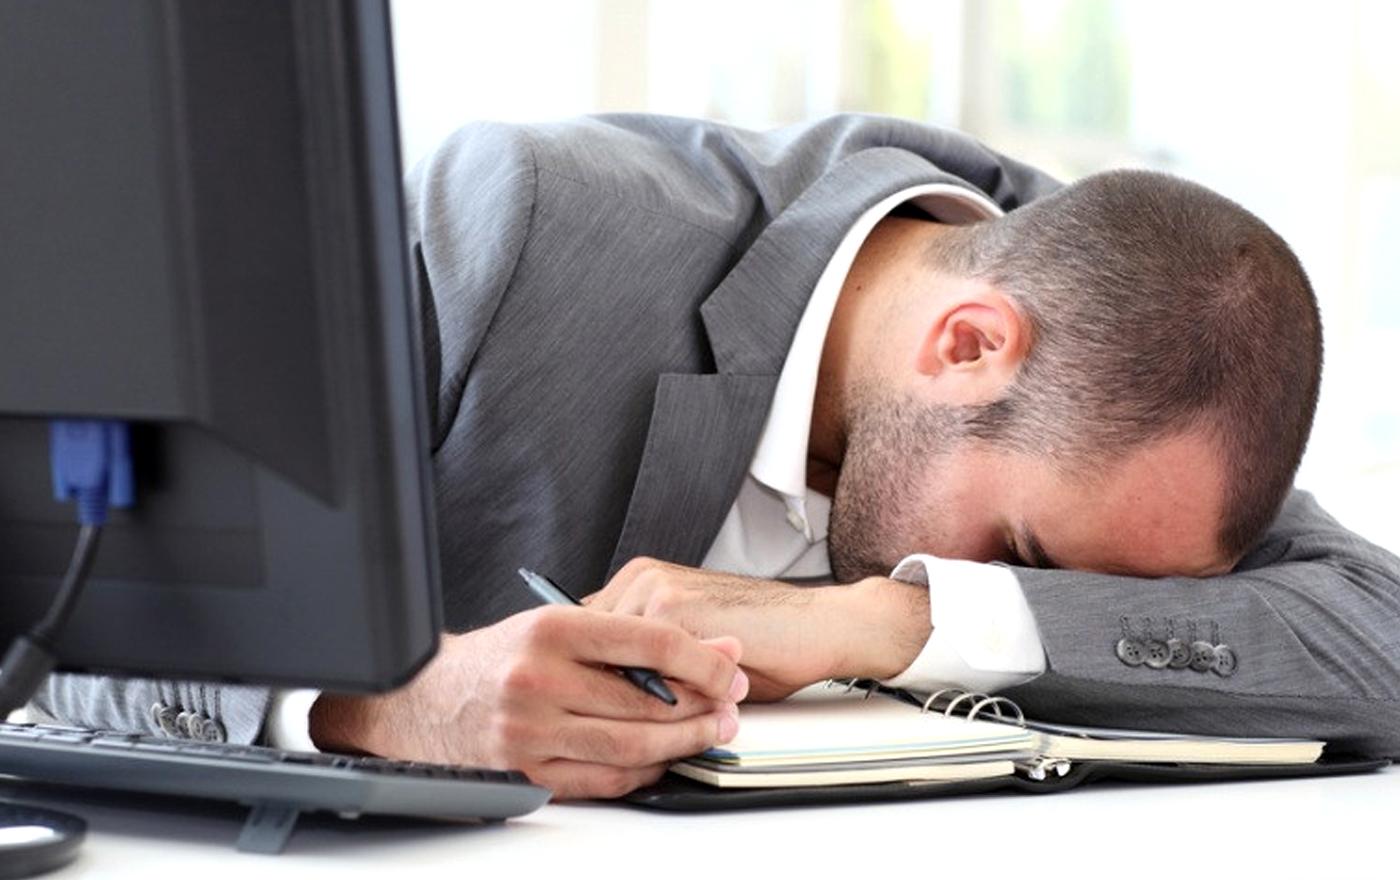 چرا بعد از گذراندن تعطیلات باز هم احساس خستگی میکنیم؟